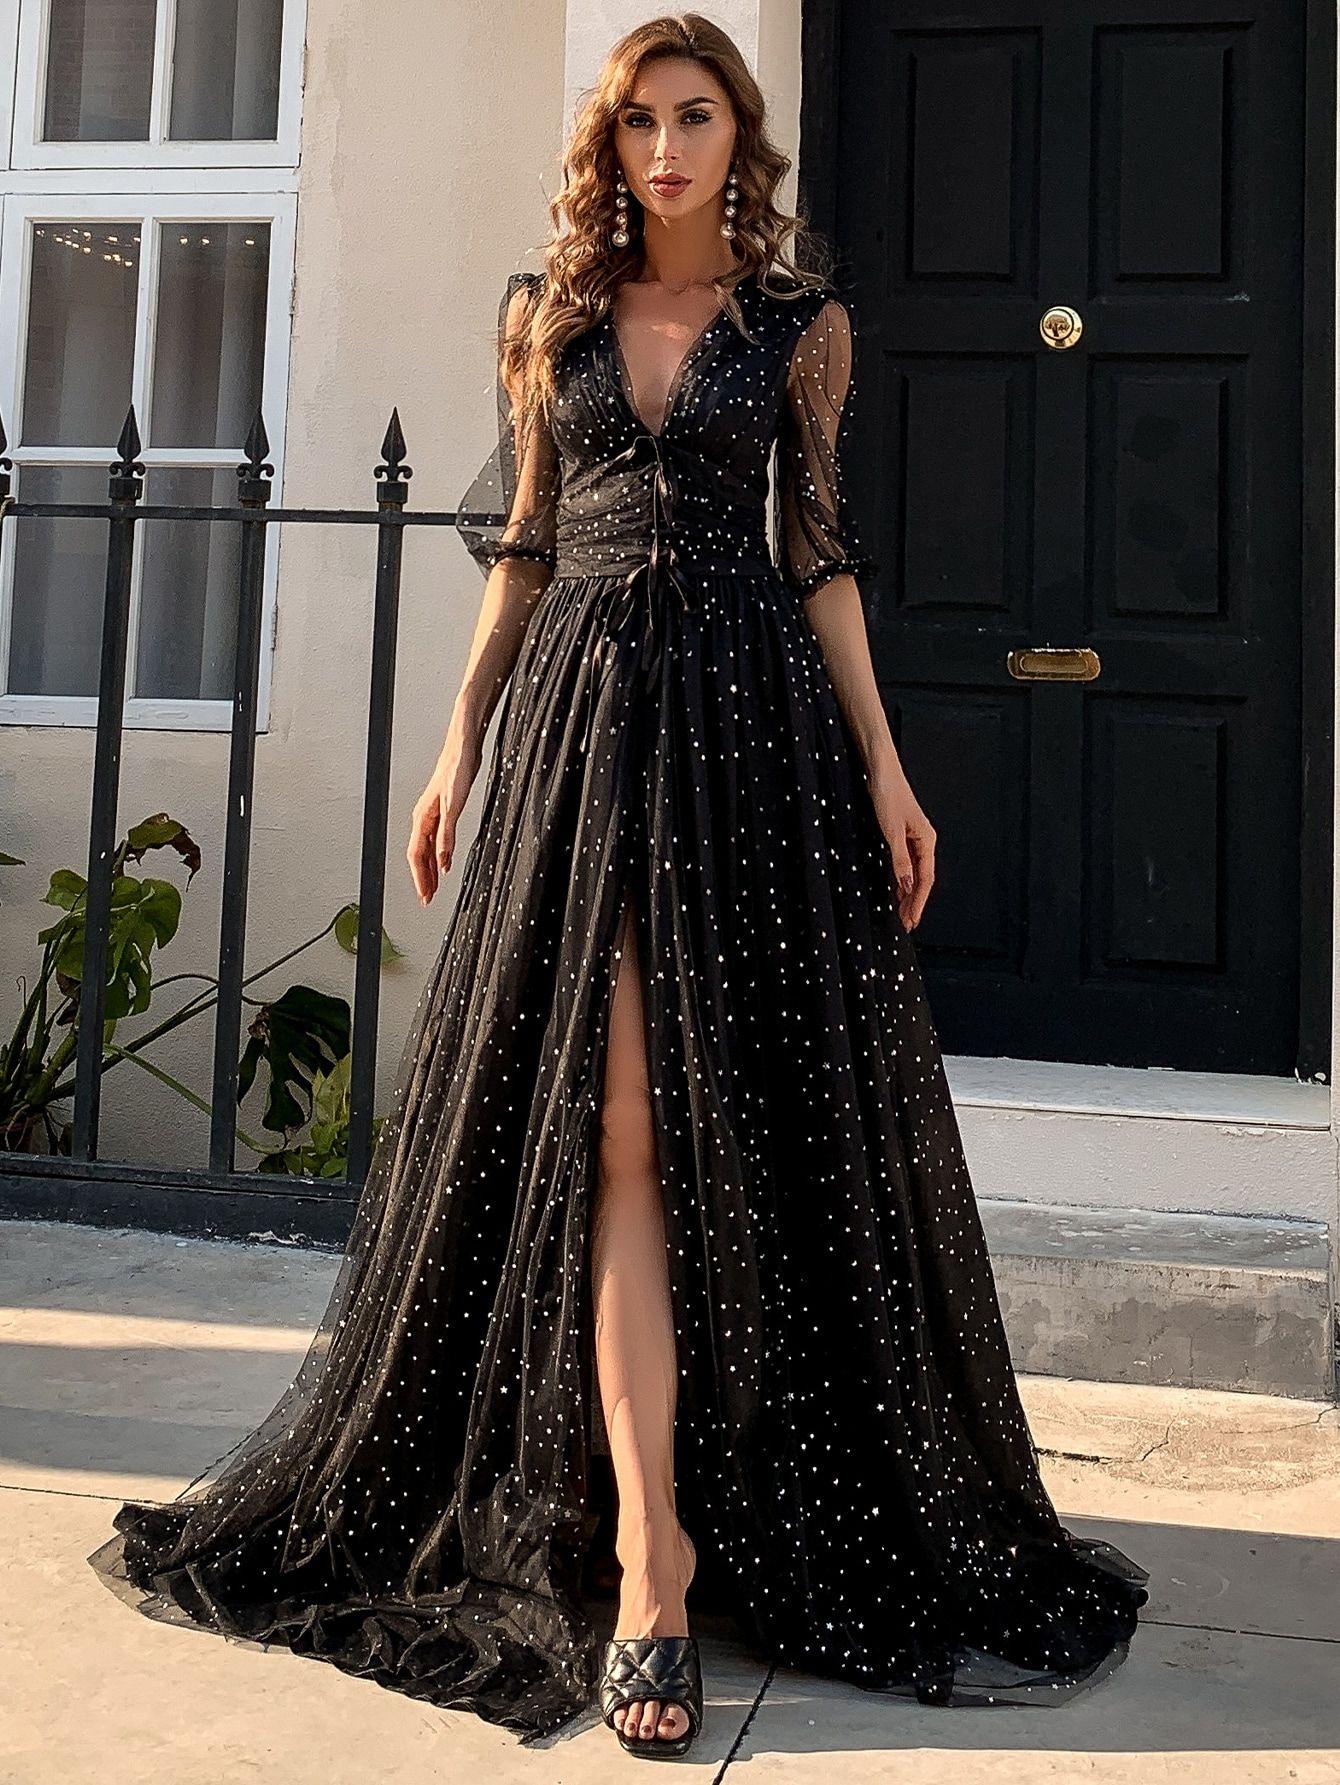 Vestido Con Malla Con Parche Con Estrella Bajo Cruzado Prom Dresses Mesh Prom Dress Dresses [ 1785 x 1340 Pixel ]